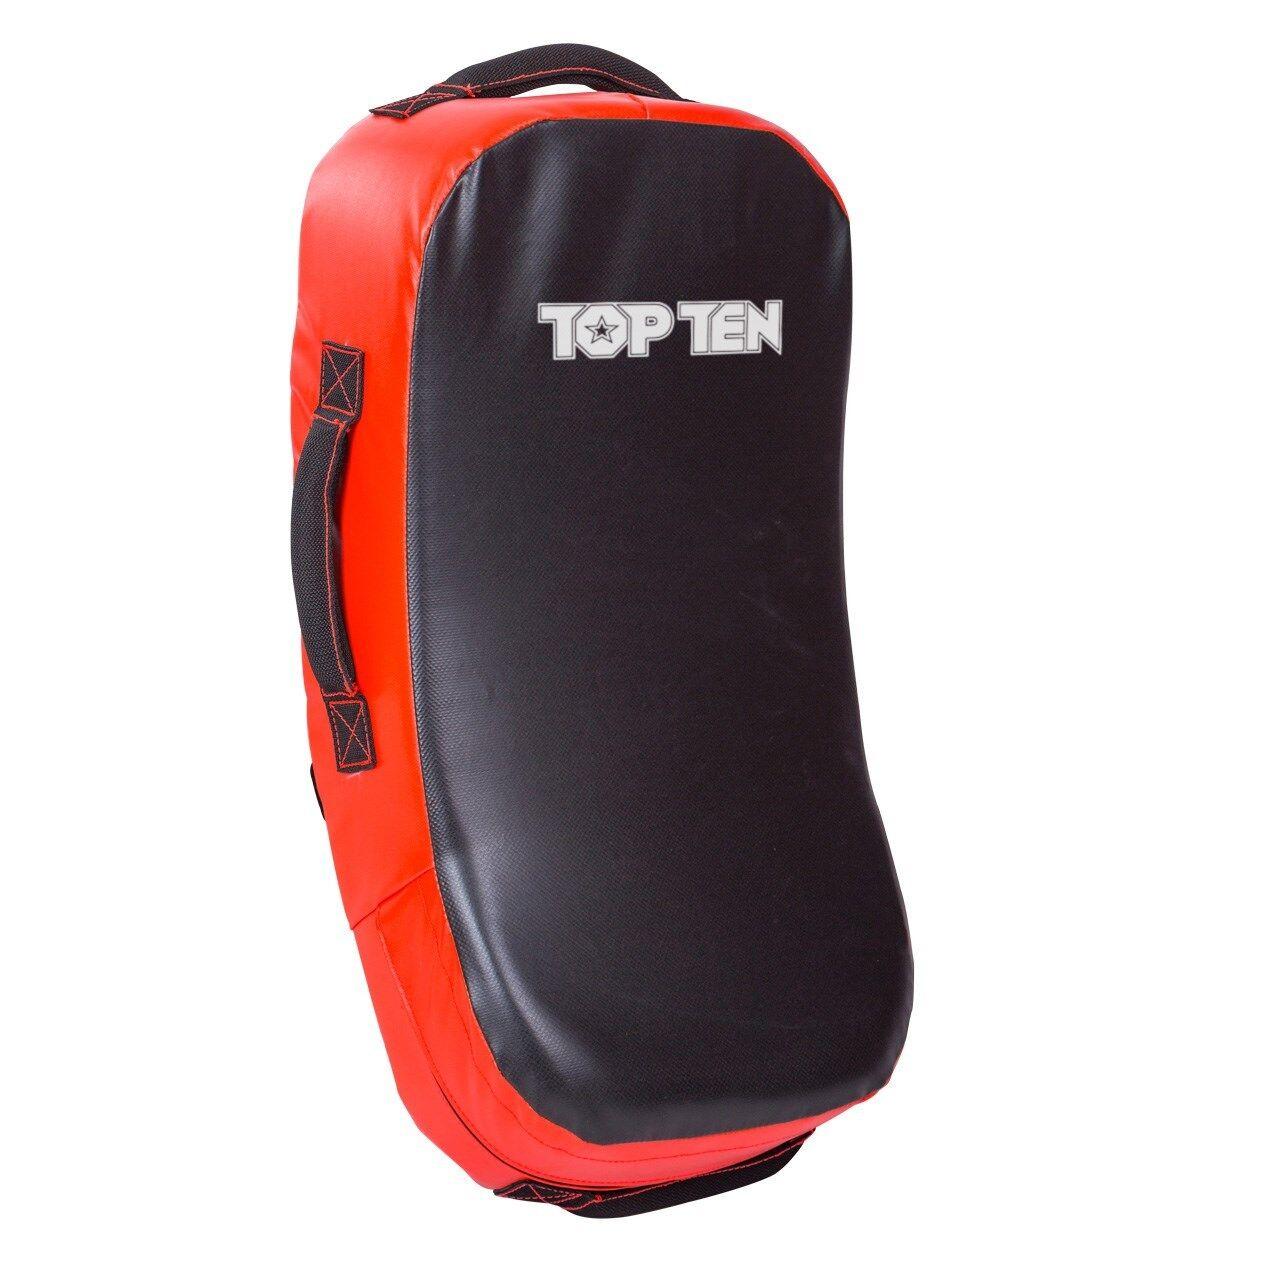 TOP TEN Schlagpolster  Extreme  (gebogen) ideal für für für Boxen Kickboxen MMA Thai 05563f